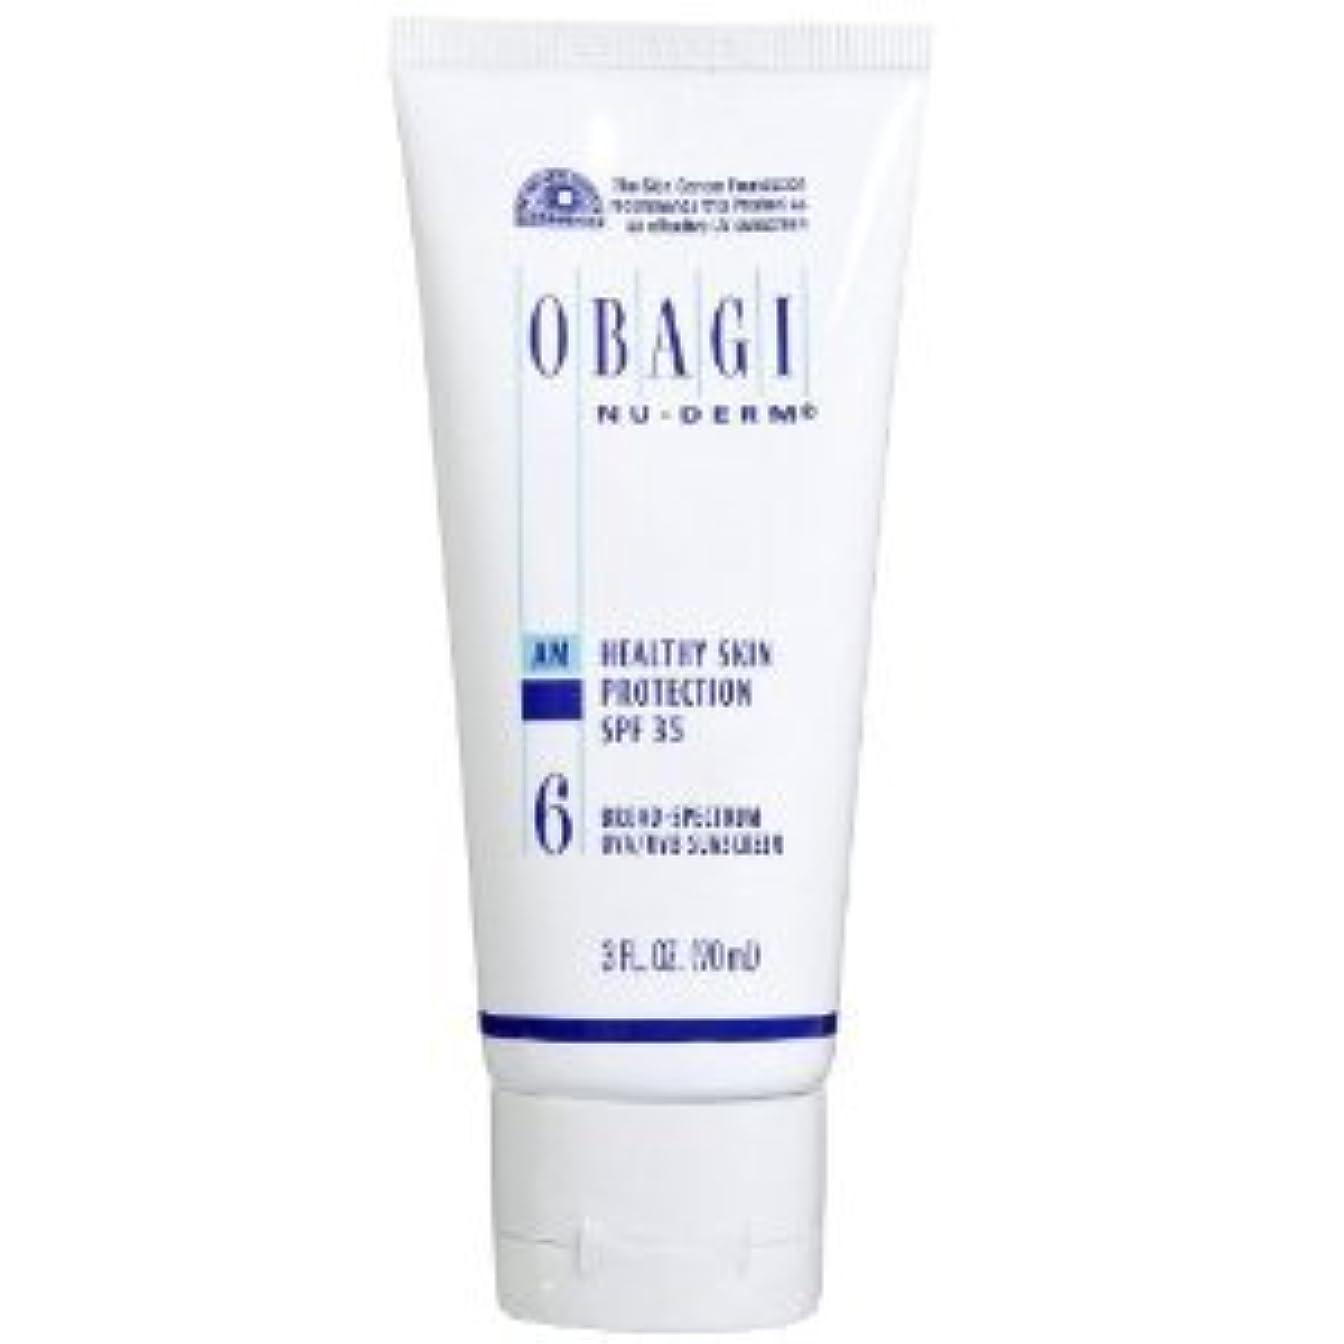 フェード前投薬結び目オバジ ニューダーム スキンプロテクション サンスクリーン(SPF35) Obagi Nu-Derm Healthy Skin Protection SPF 35 Sunscreens